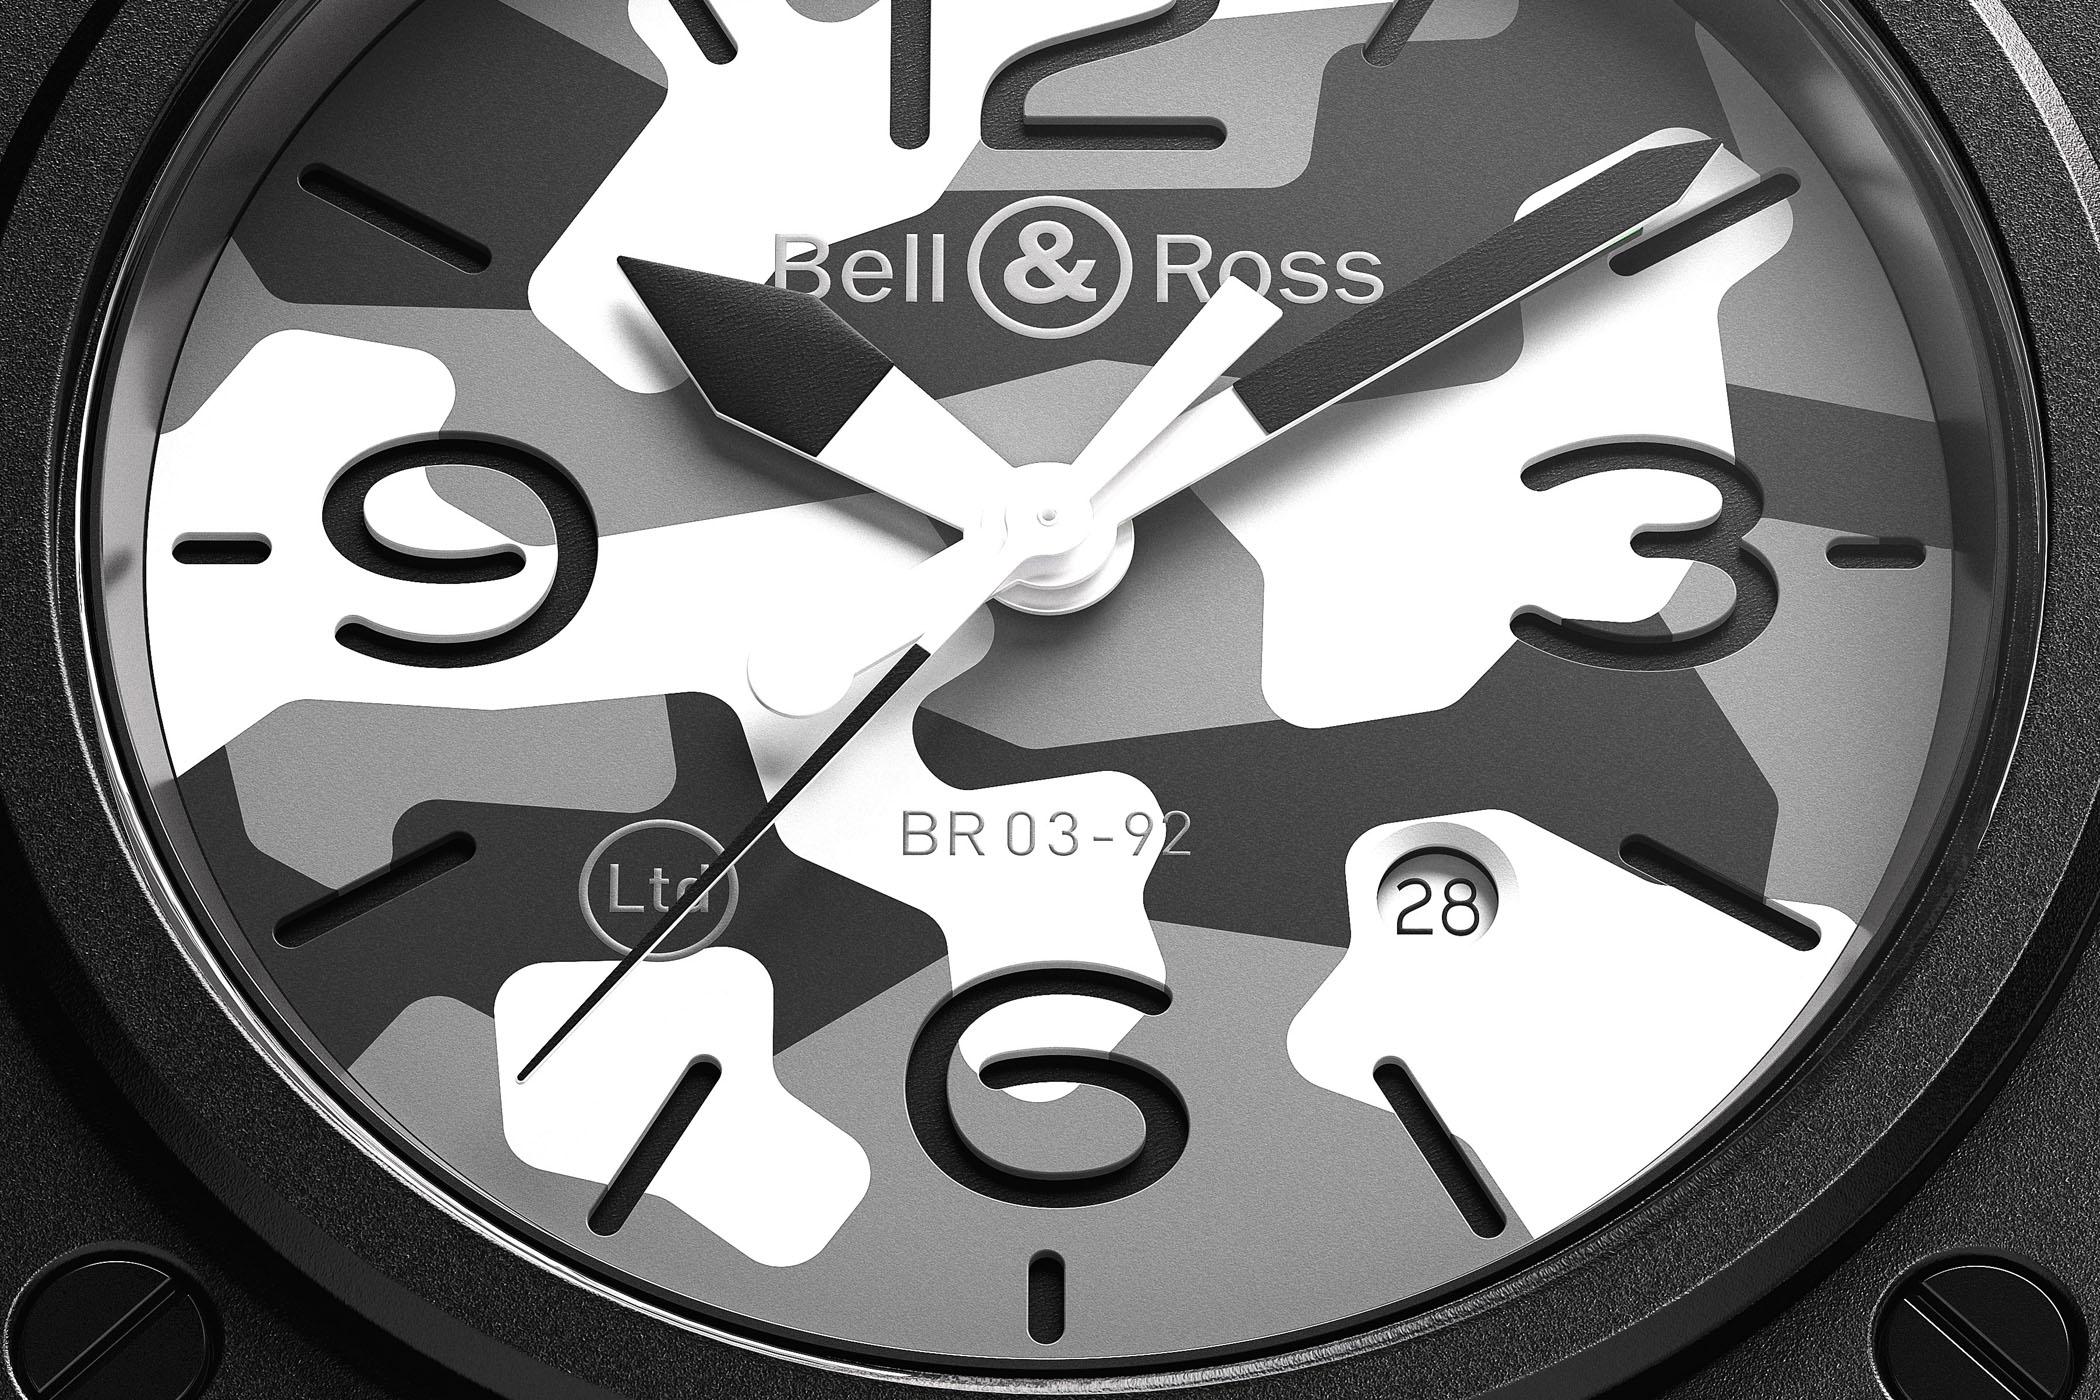 Bell & Ross BR 03-92 White Camo